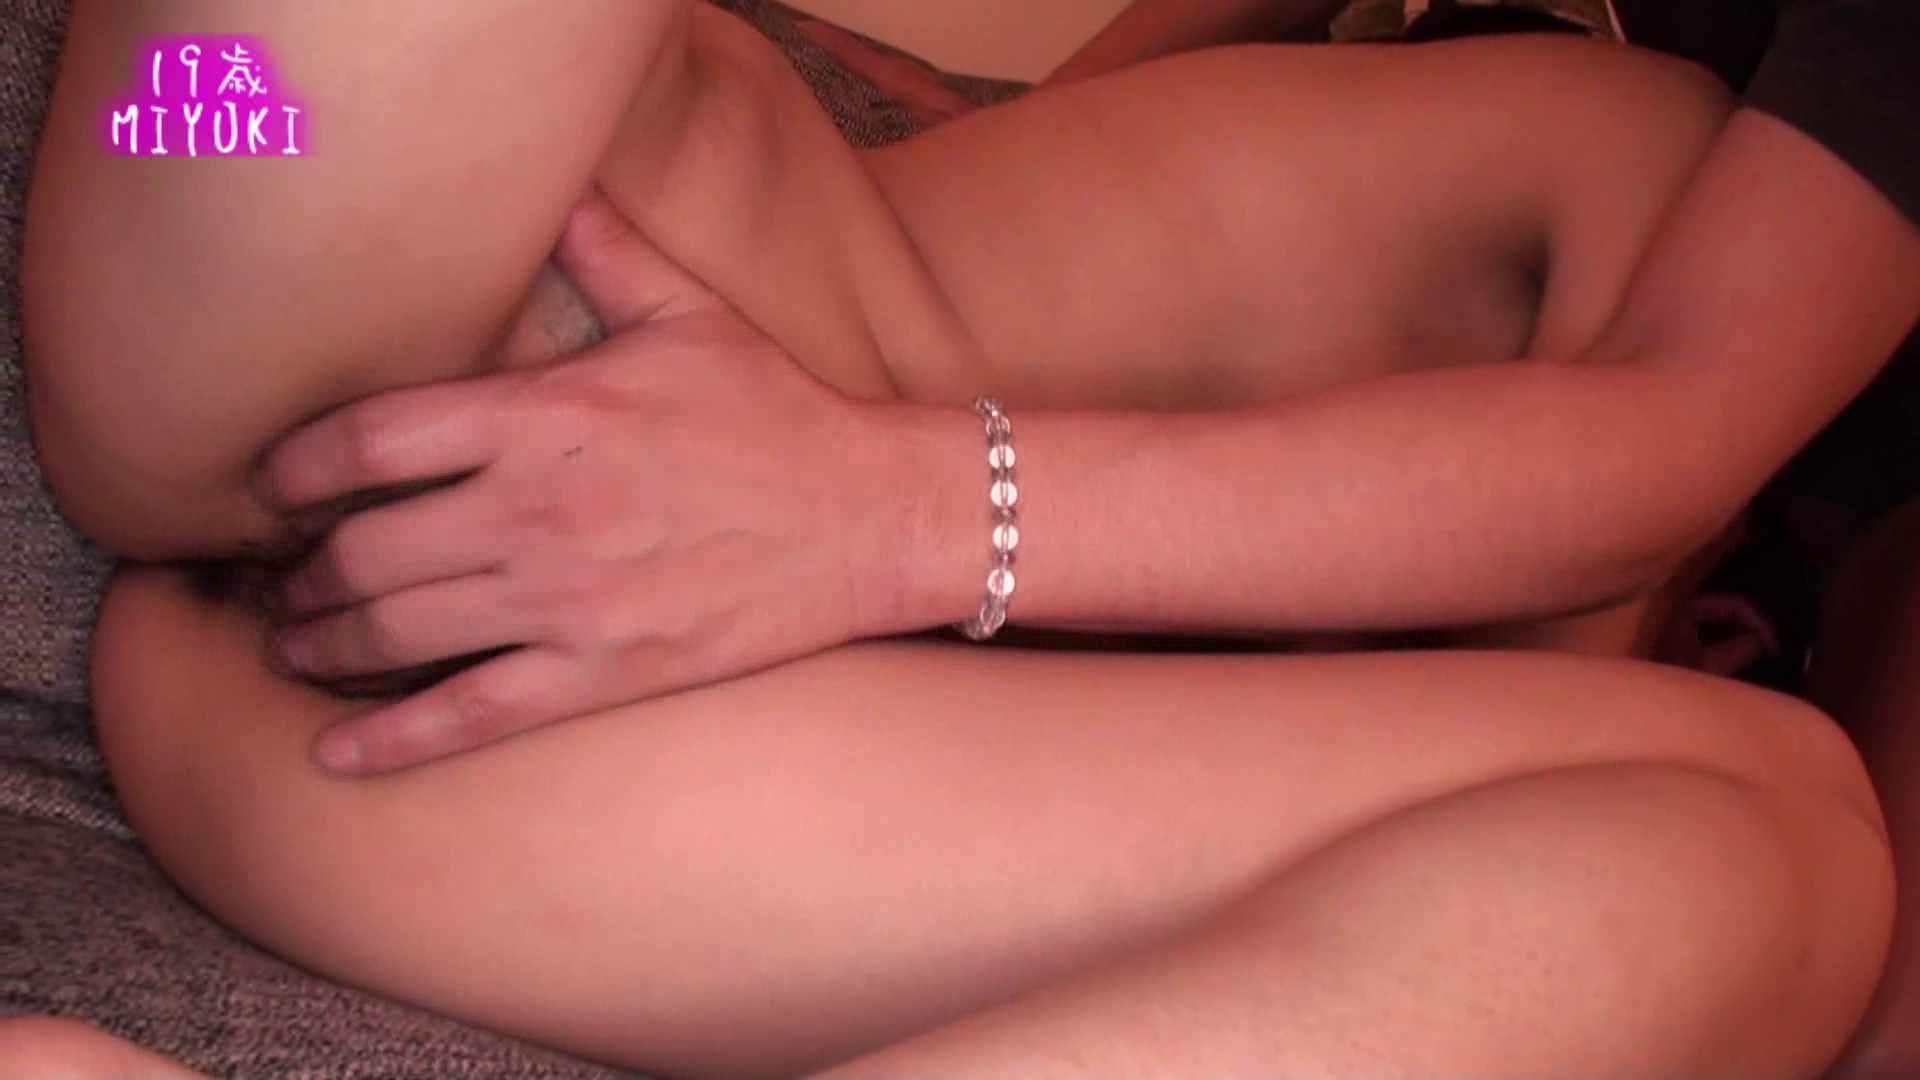 19歳MIYUKIちゃんのフェラ気持ち良さそうです フェラ  80PIX 18